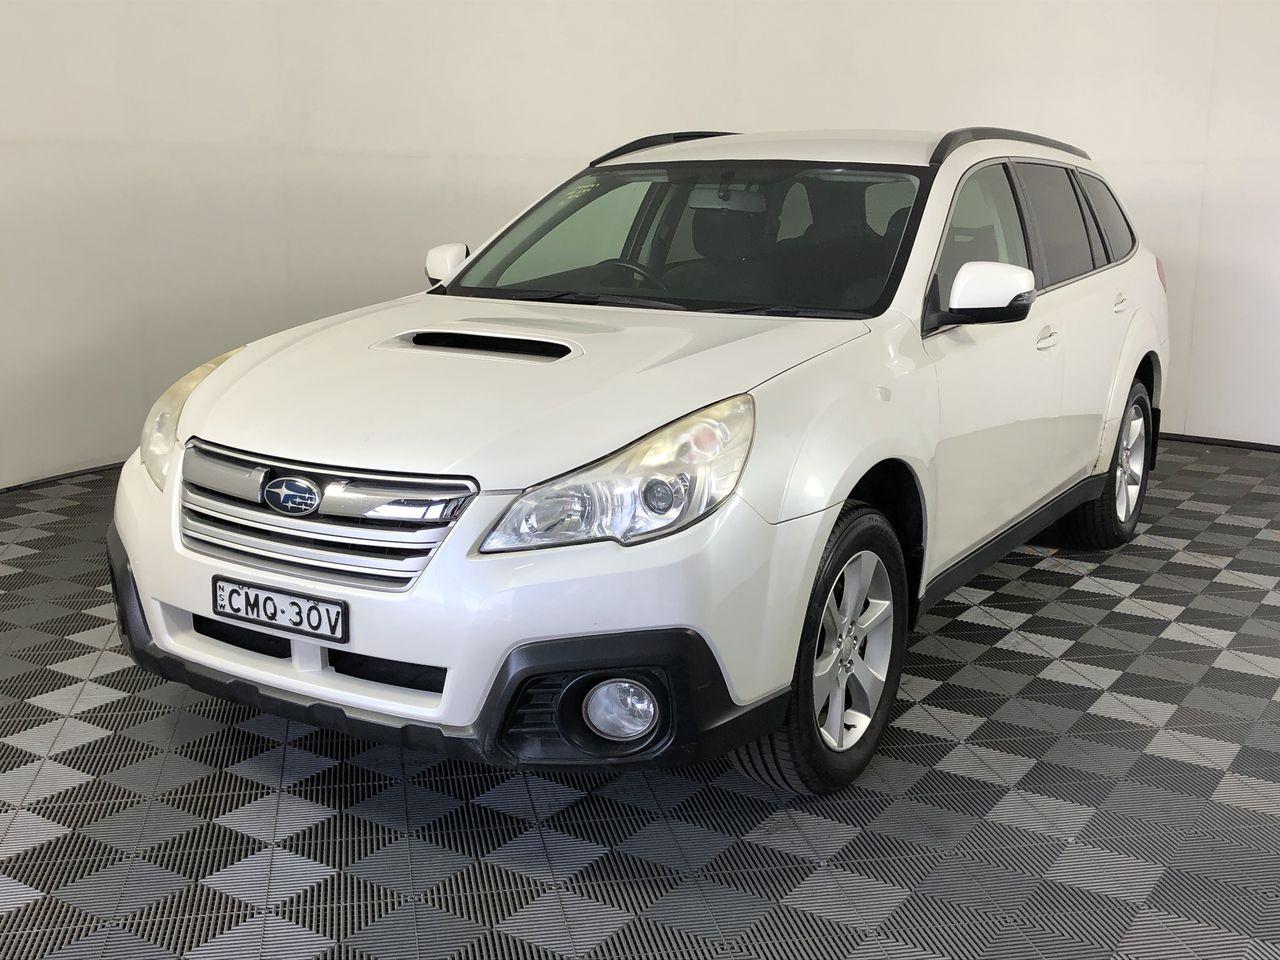 2013 Subaru Outback 2.0D B5A Turbo Diesel CVT Wagon